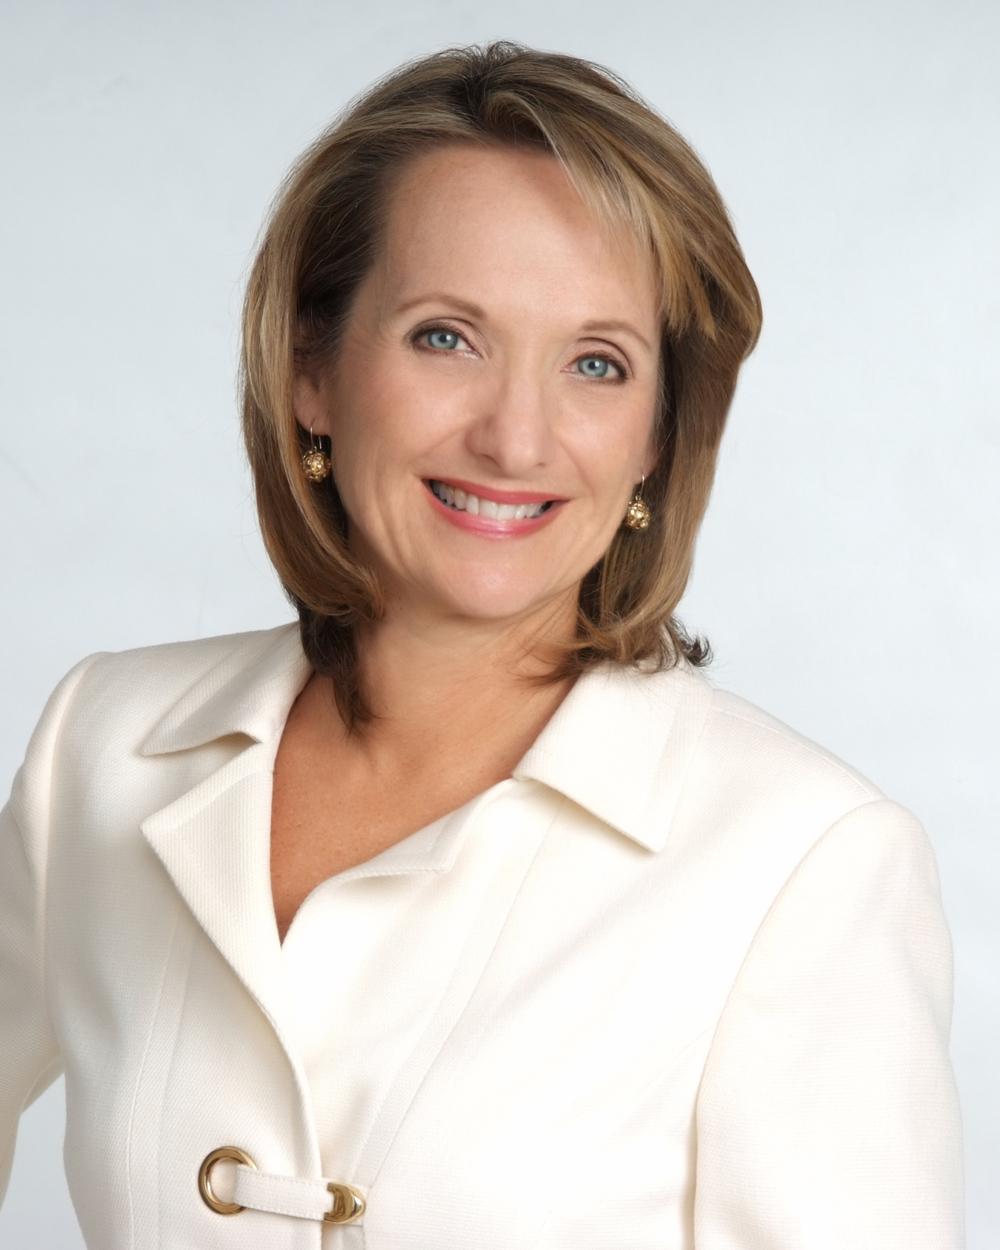 Linda Lattimore - Founder & President